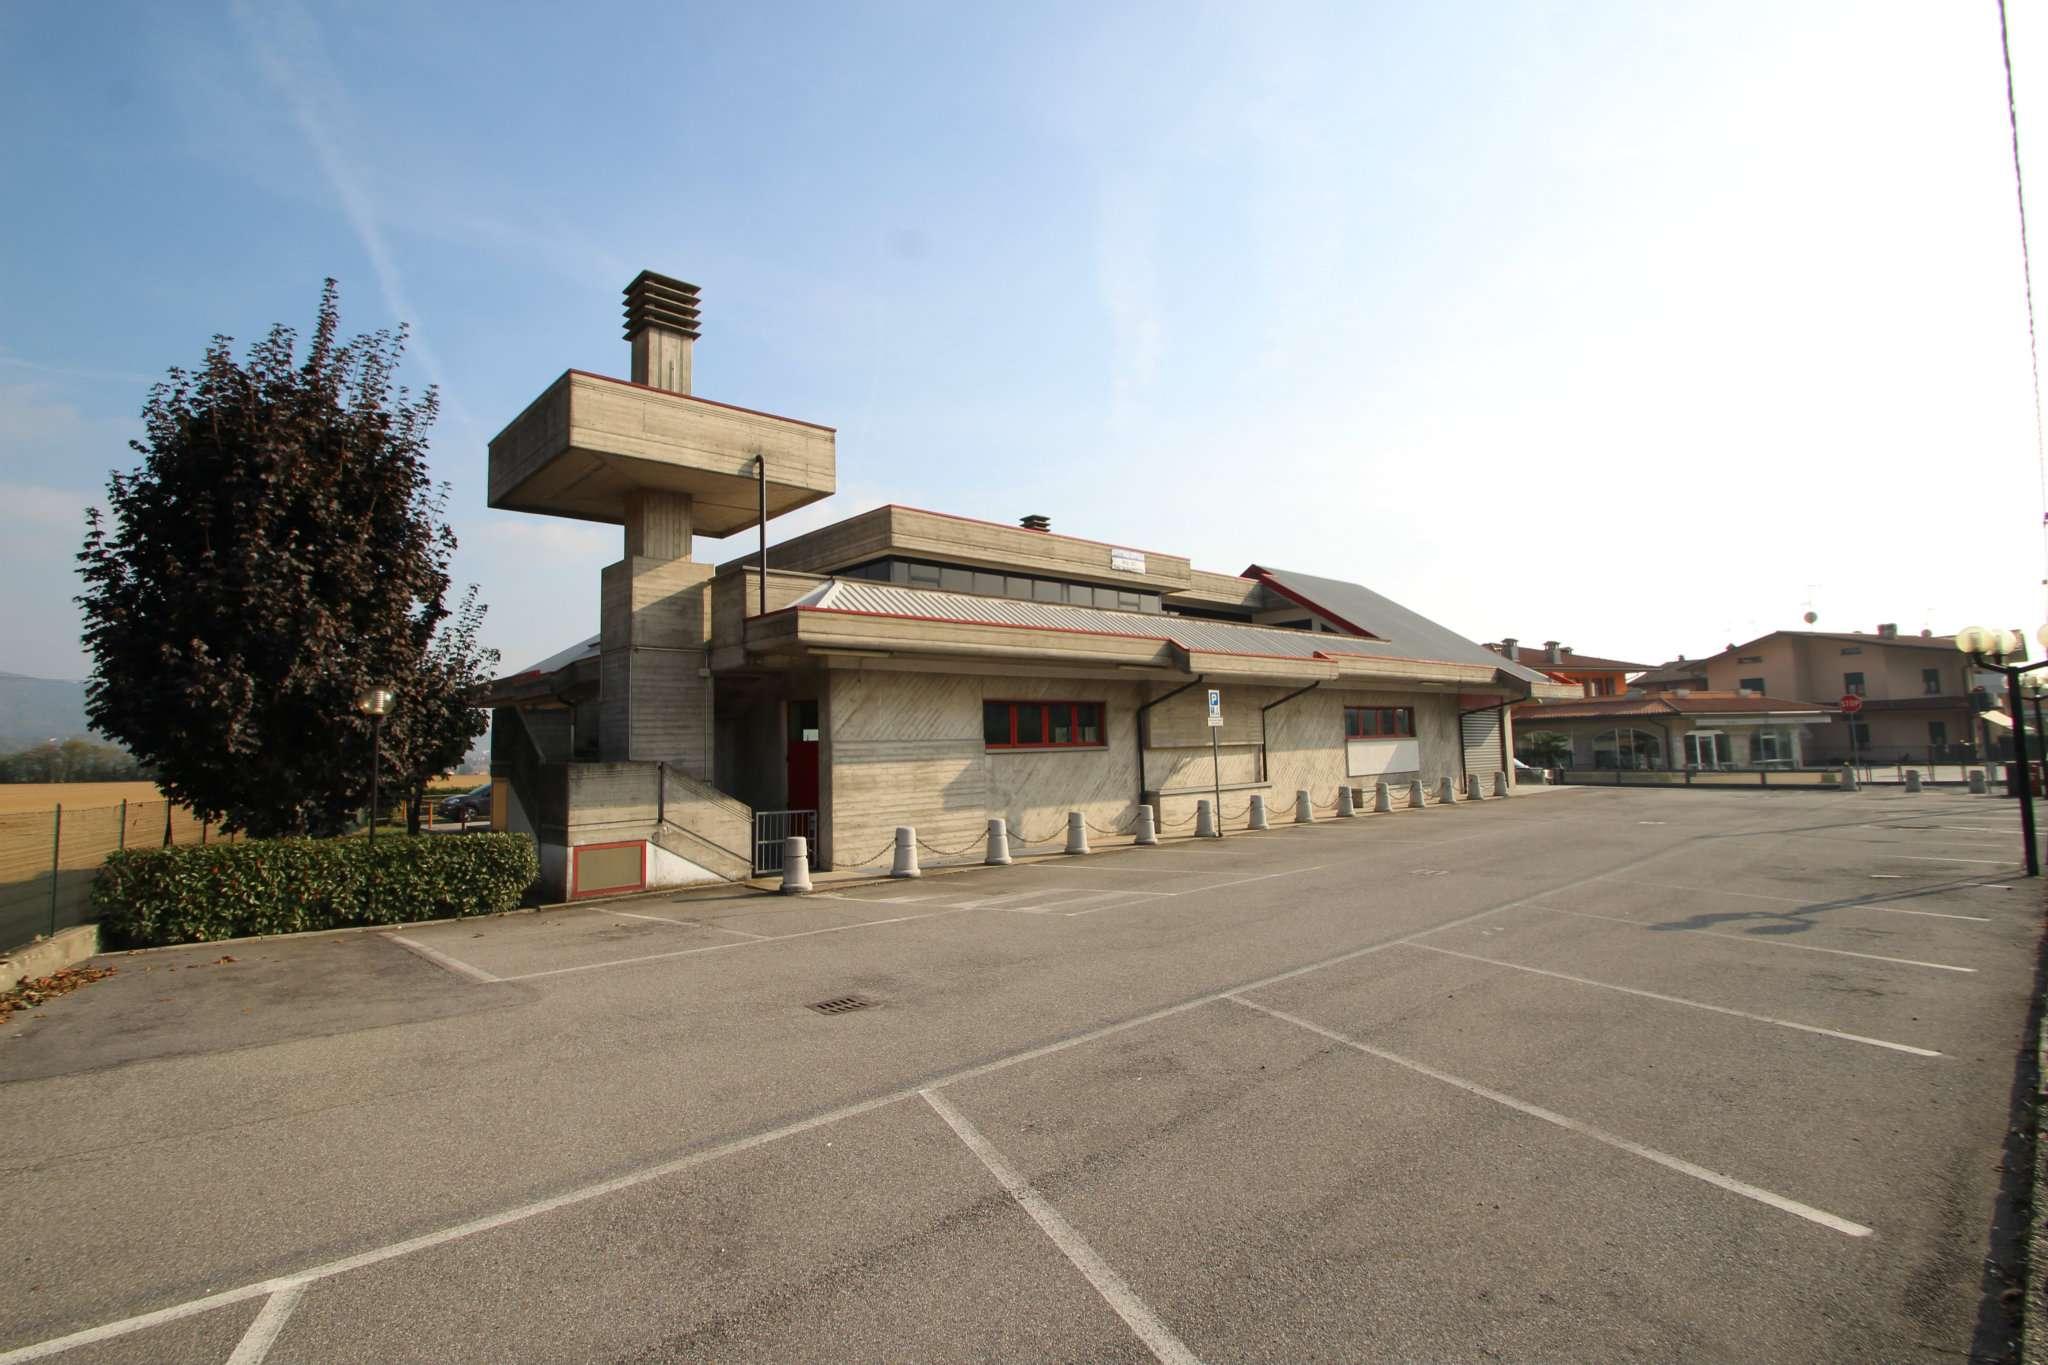 Ufficio / Studio in affitto a Castelli Calepio, 9999 locali, prezzo € 1.250 | CambioCasa.it